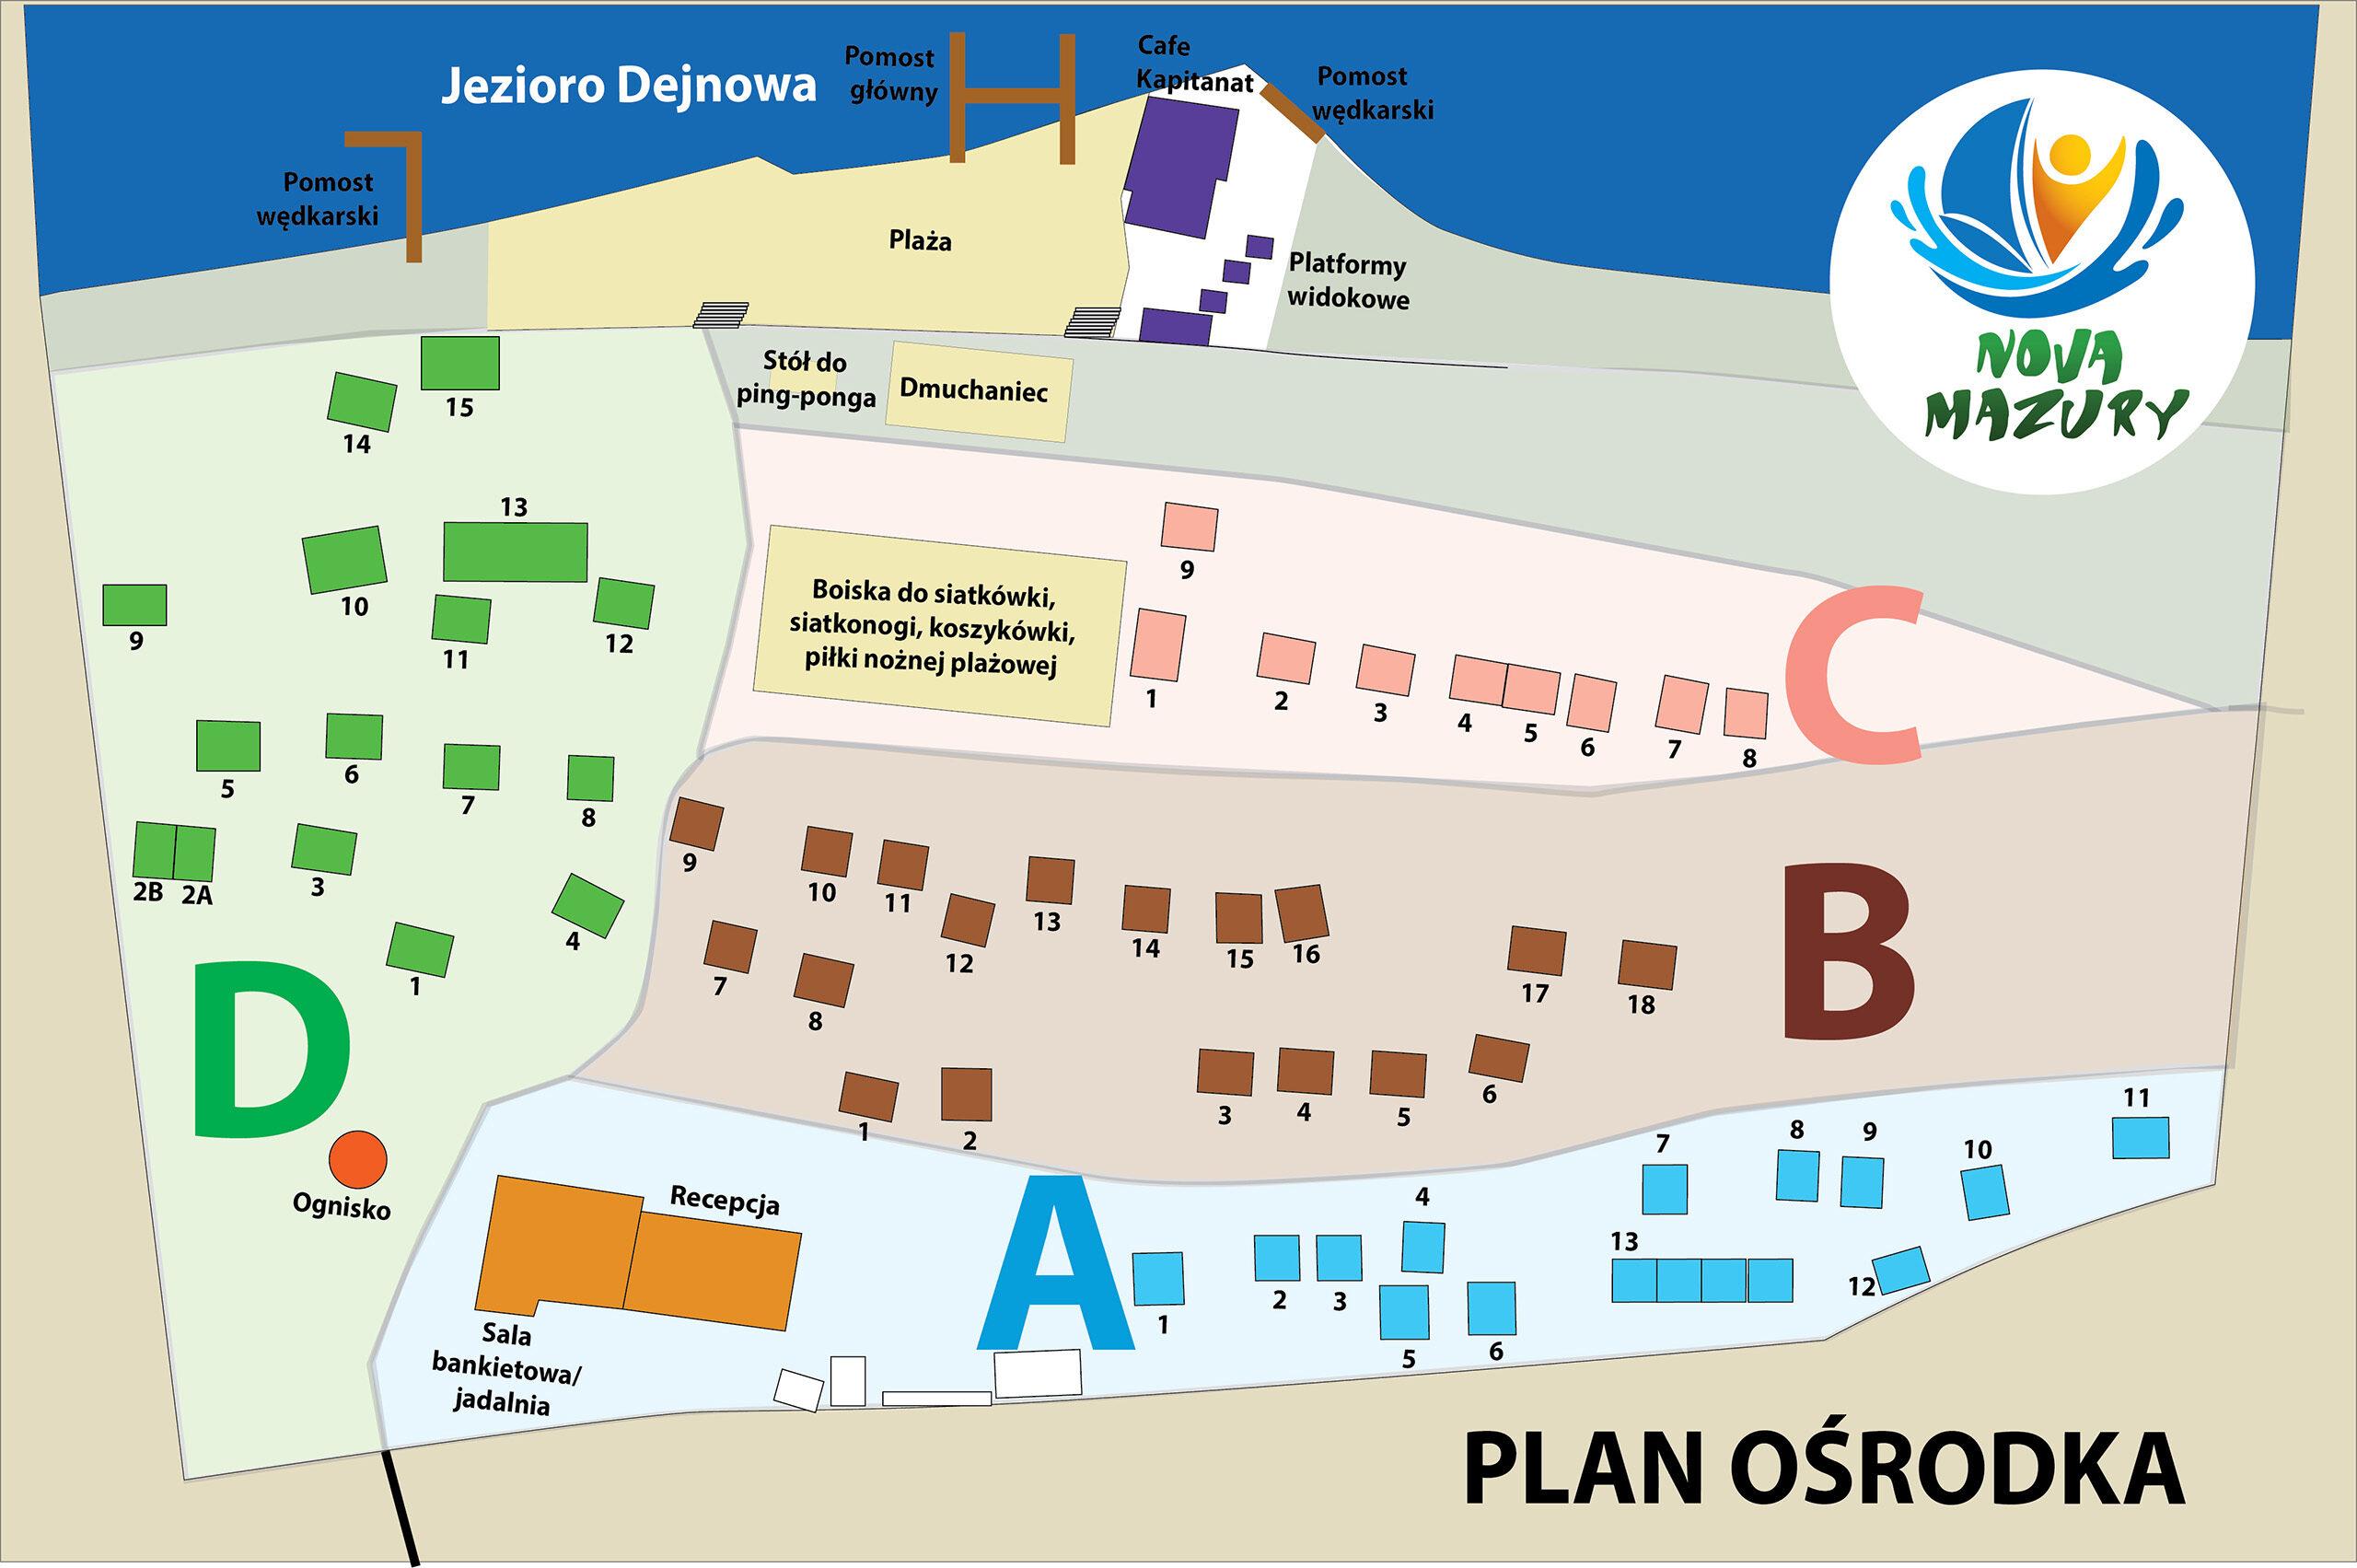 Plan ośrodka Nova Mazury